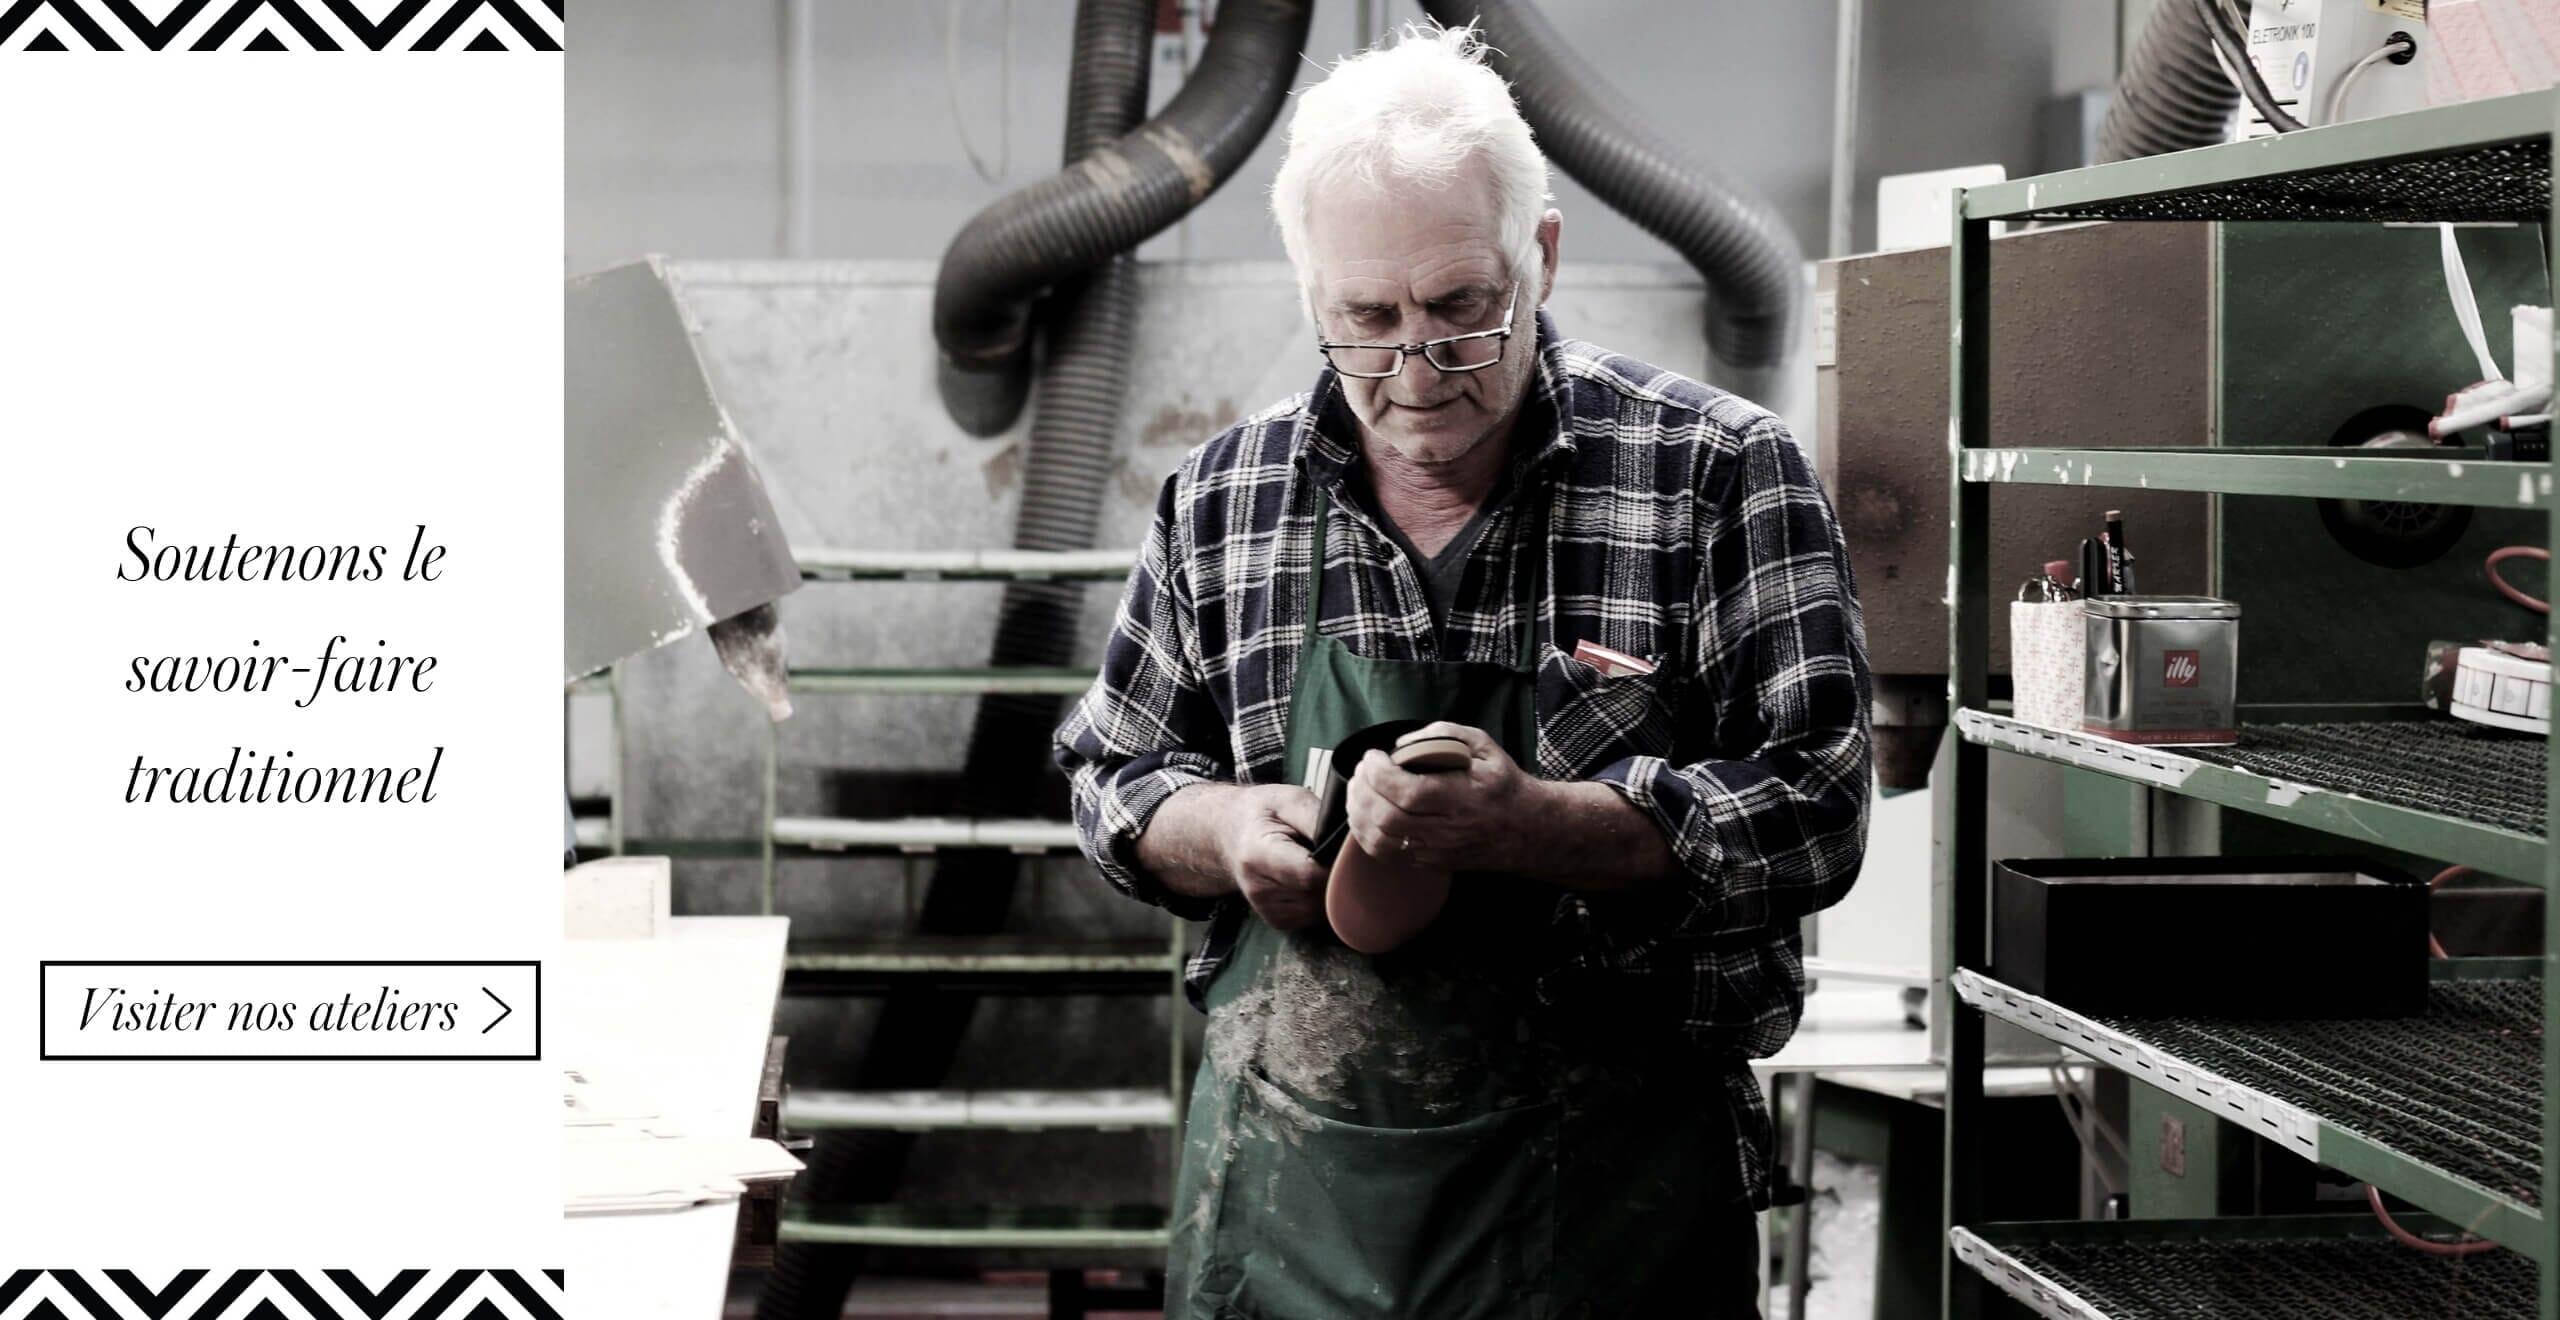 atelier de confection de chaussures a florence jules & jenn